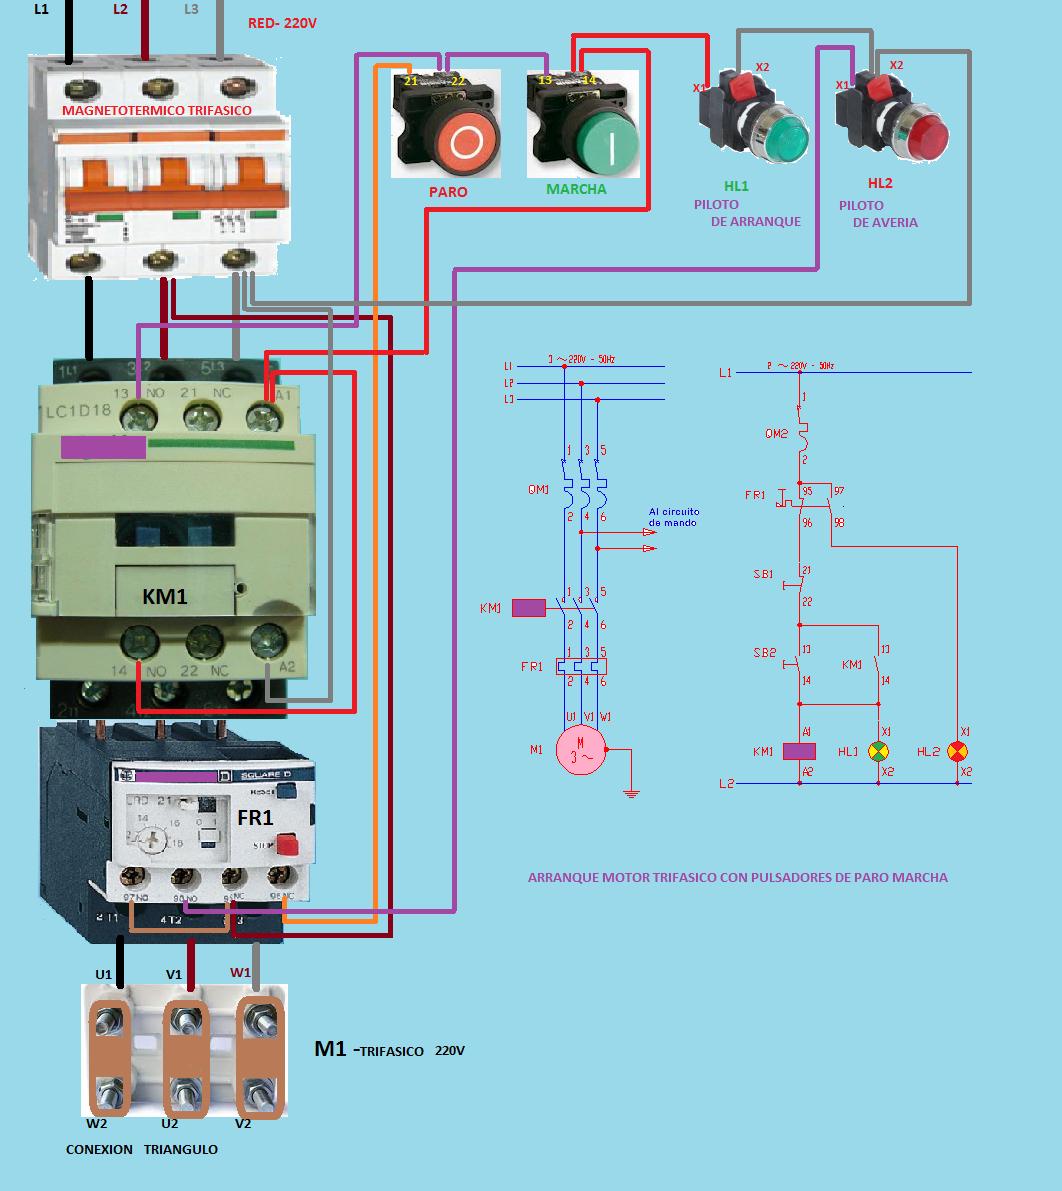 ARRANQUE MOTOR TRIFASICO CON PULSADORES PARO MARCHA | Electryc and ...